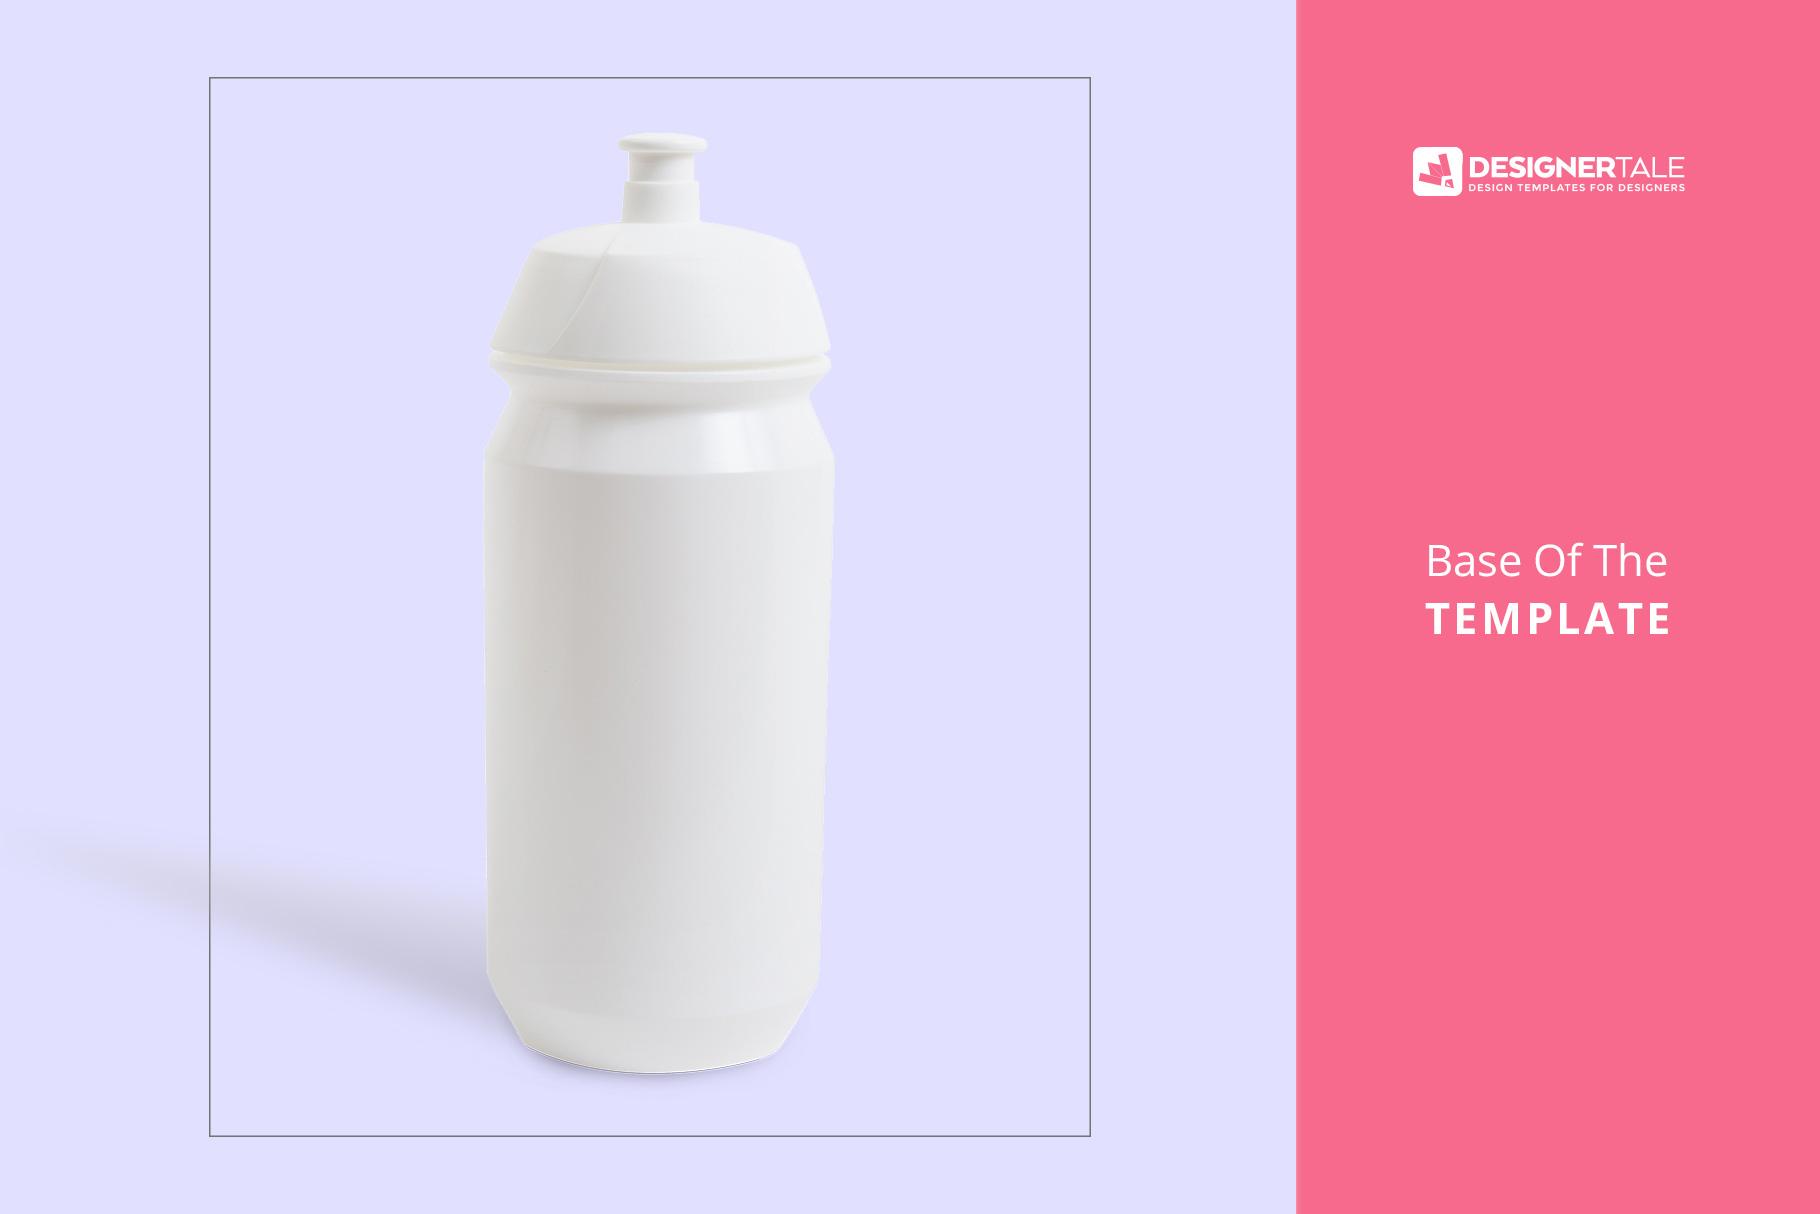 base image of the biker water bottle mockup